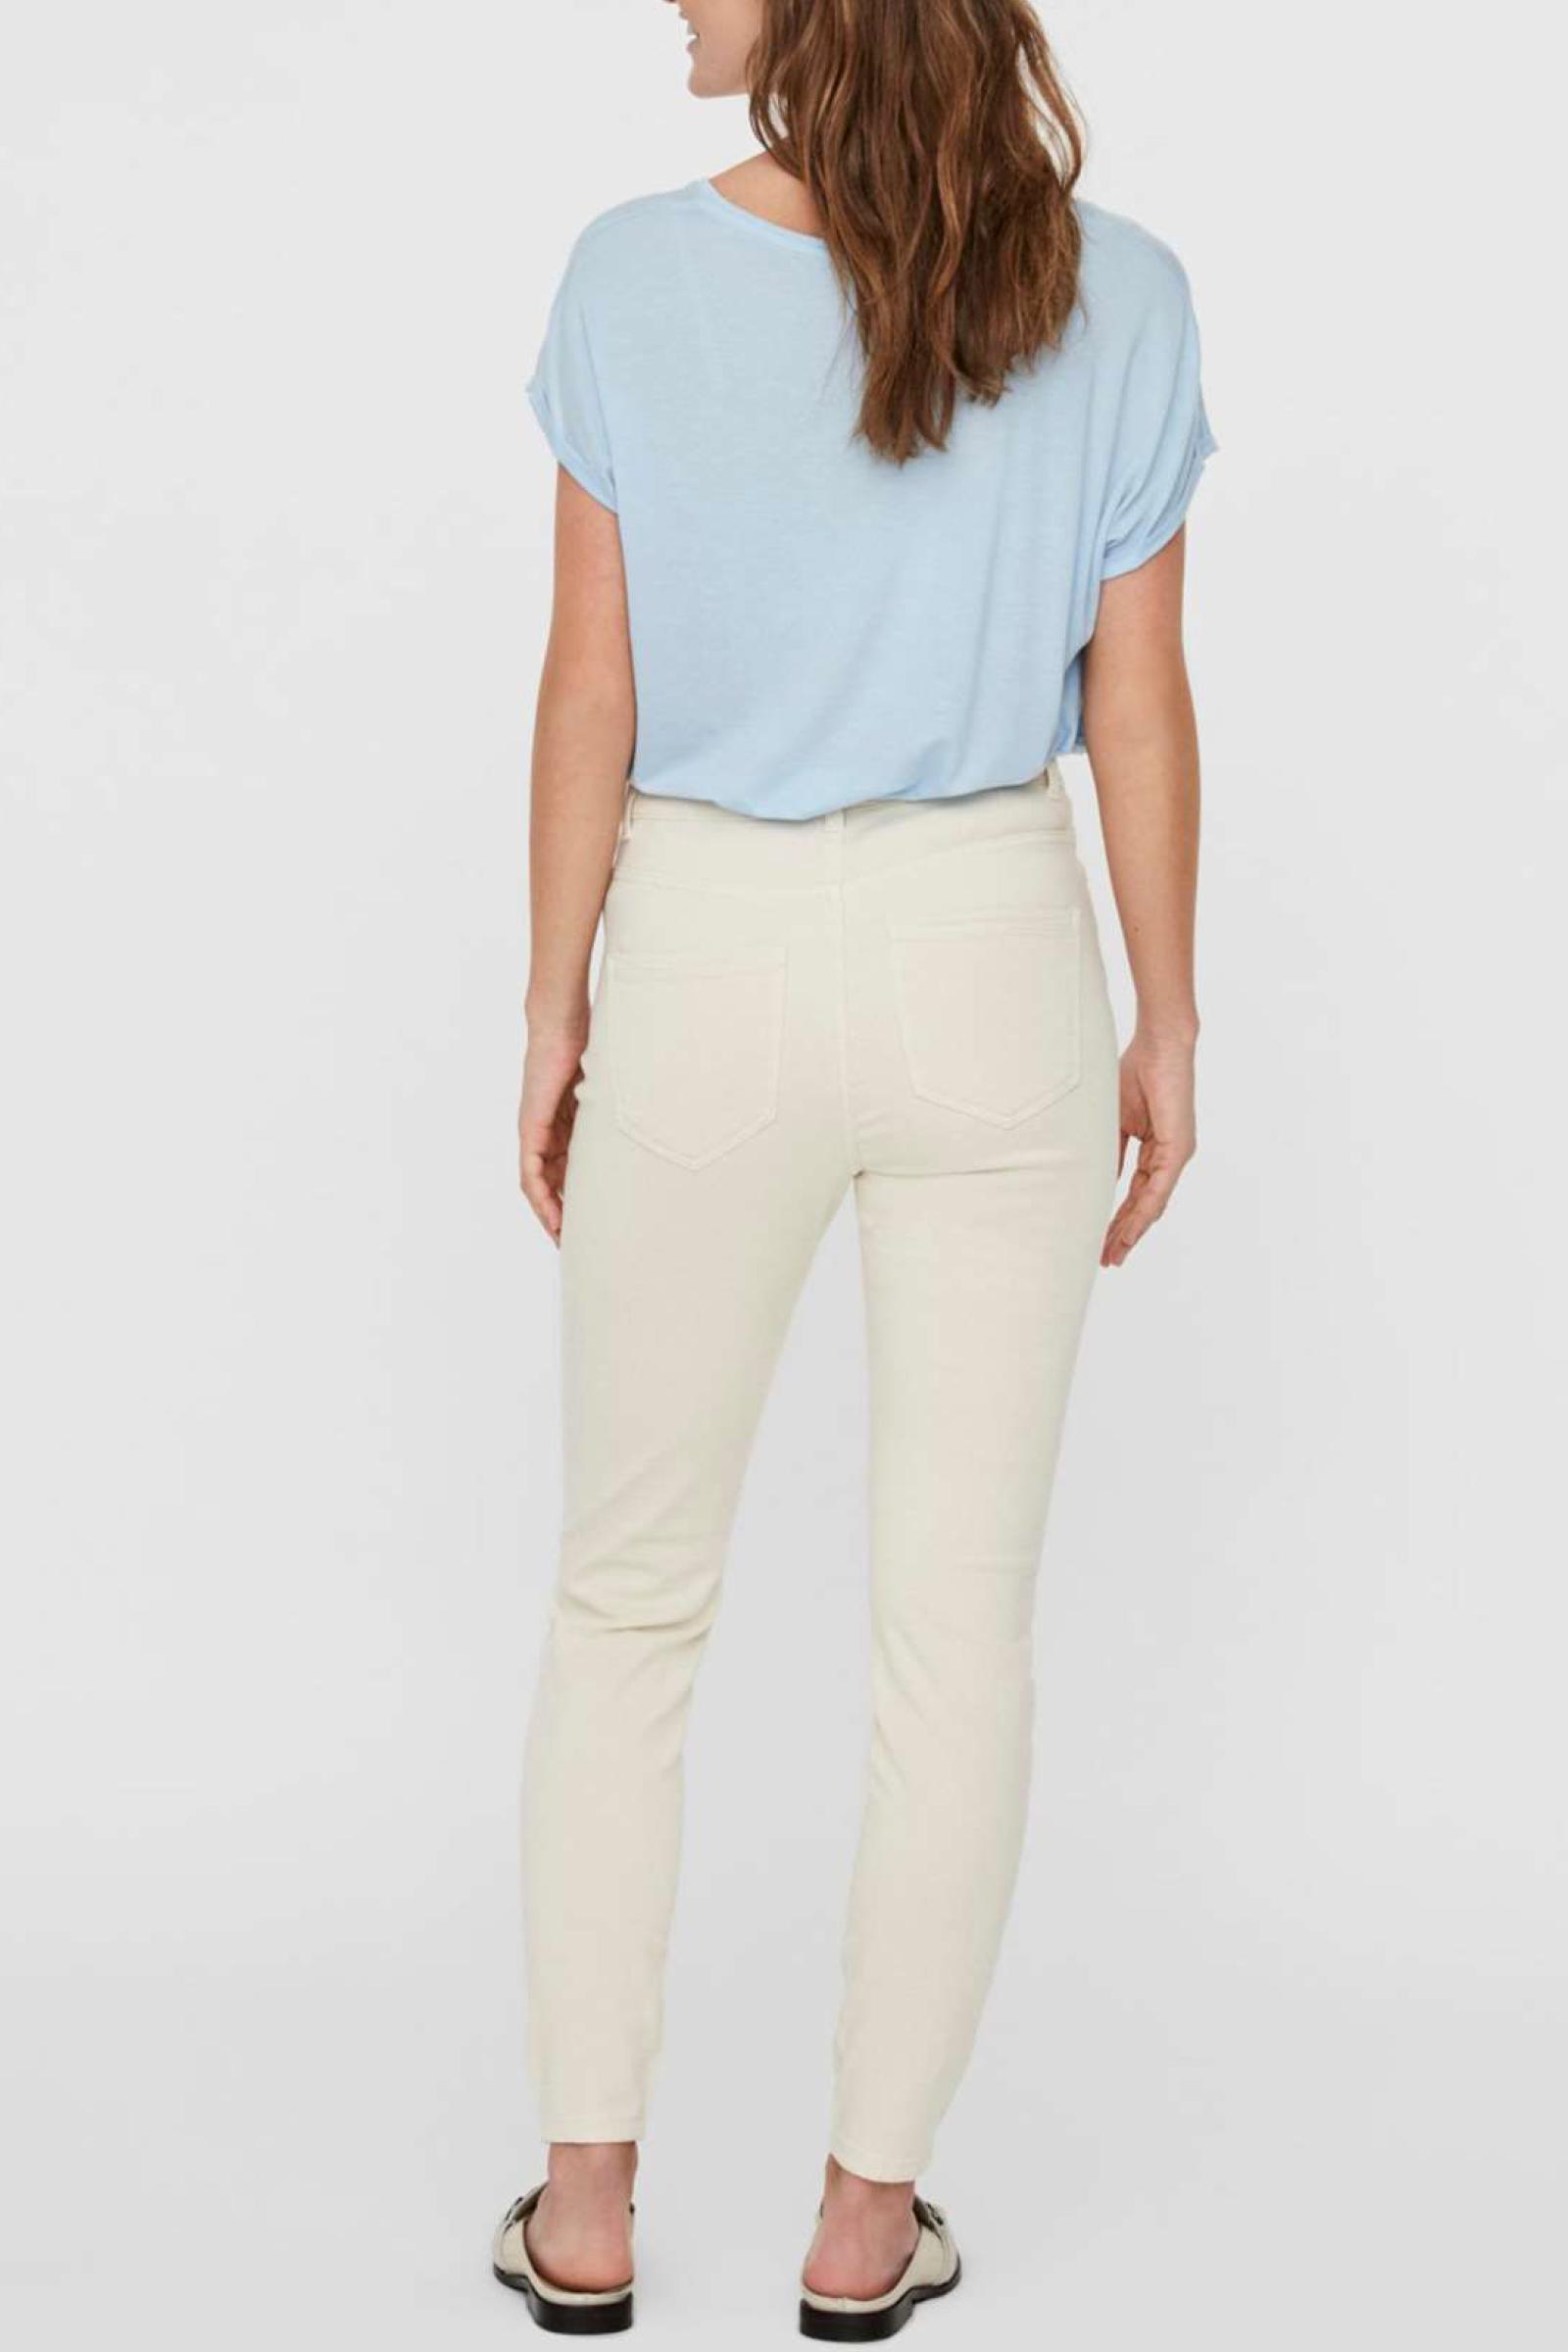 VERO MODA Women's Trousers VERO MODA | Trousers | 10240959Birch